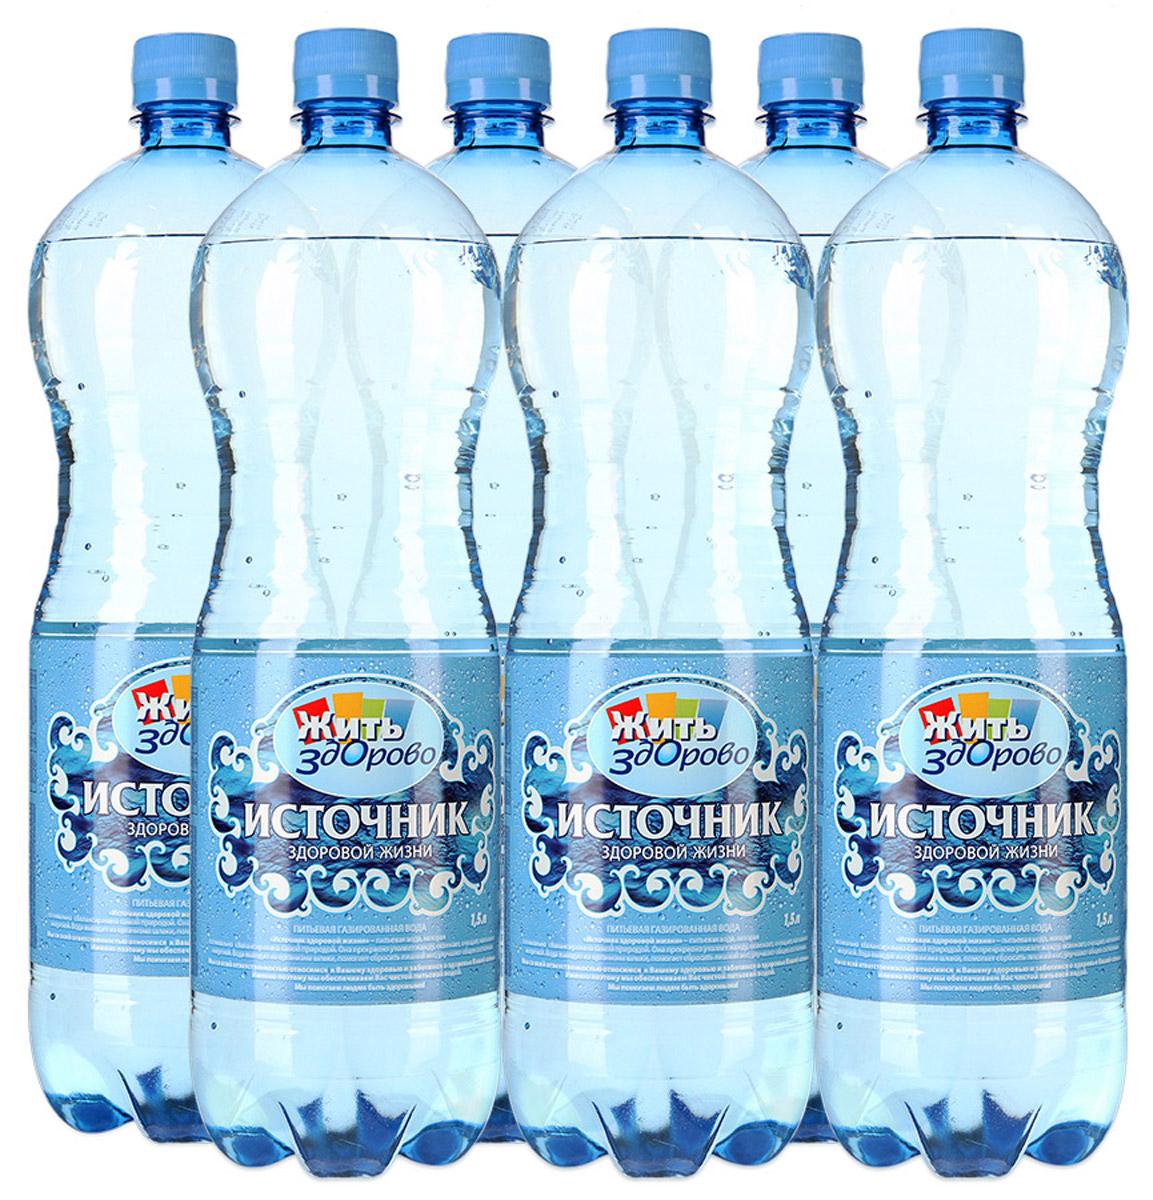 Источник здоровой жизни питьевая вода газированная, 1,5 л00-00000154Источник здоровой жизни - единственная питьевая вода, одобренная экспертами программы Жить здорово. Жить здорово - программа о здоровье и для здоровья, которой доверяют миллионы россиян! Полезные рекомендации помогают избежать различных недугов и правильно организовать профилактику многих заболеваний. Экспертами Жить здорово являются ведущие специалисты в области медицины: педиатры, иммунологи, неврологи, кардиологи, мануальные терапевты и другие. Вода важнее, чем еда! Качество питьевой воды, которую мы используем каждый день, имеет огромное значение для здоровья - Эксперты Жить здорово. Источник здоровой жизни - питьевая вода, которая оптимально сбалансирована самой природой. Она прекрасно утоляет жажду, освежает, очищает, наполняет энергией. Вода выводит из организма шлаки, помогает сбросить лишний вес, улучшает общее состояние. Производитель со всей ответственностью относится к вашему здоровью и заботится о здоровье вашей семьи. Именно поэтому он обеспечивает вас чистой питьевой водой. Мы помогаем людям быть здоровыми!